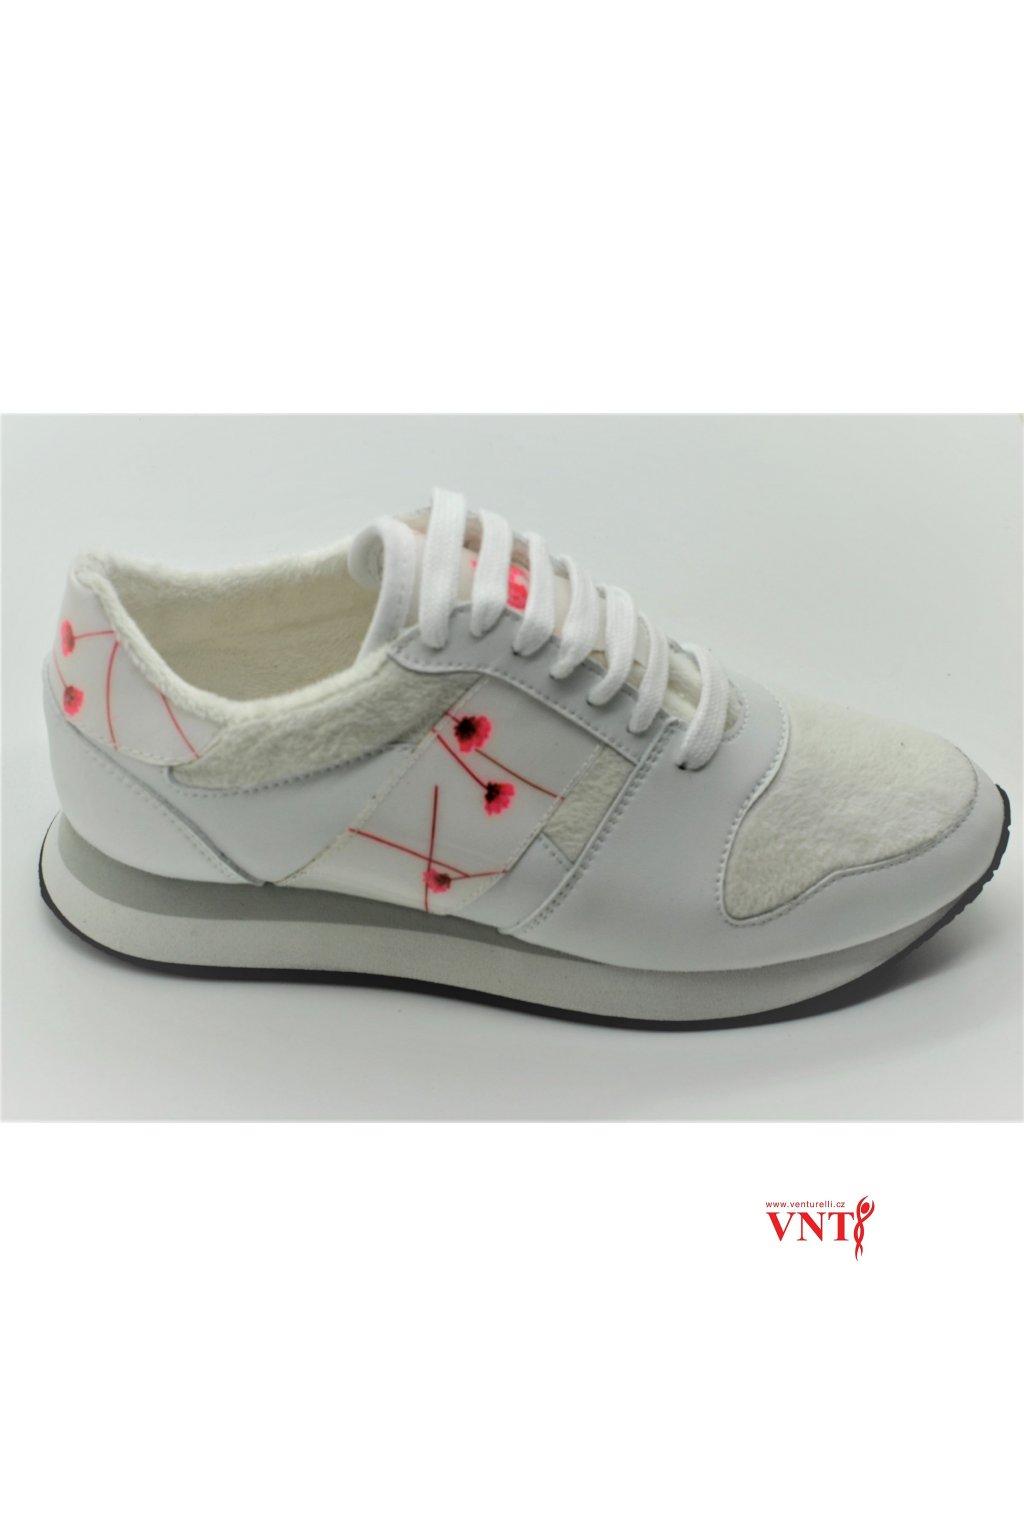 sakura white pink vnt 14 12 2020